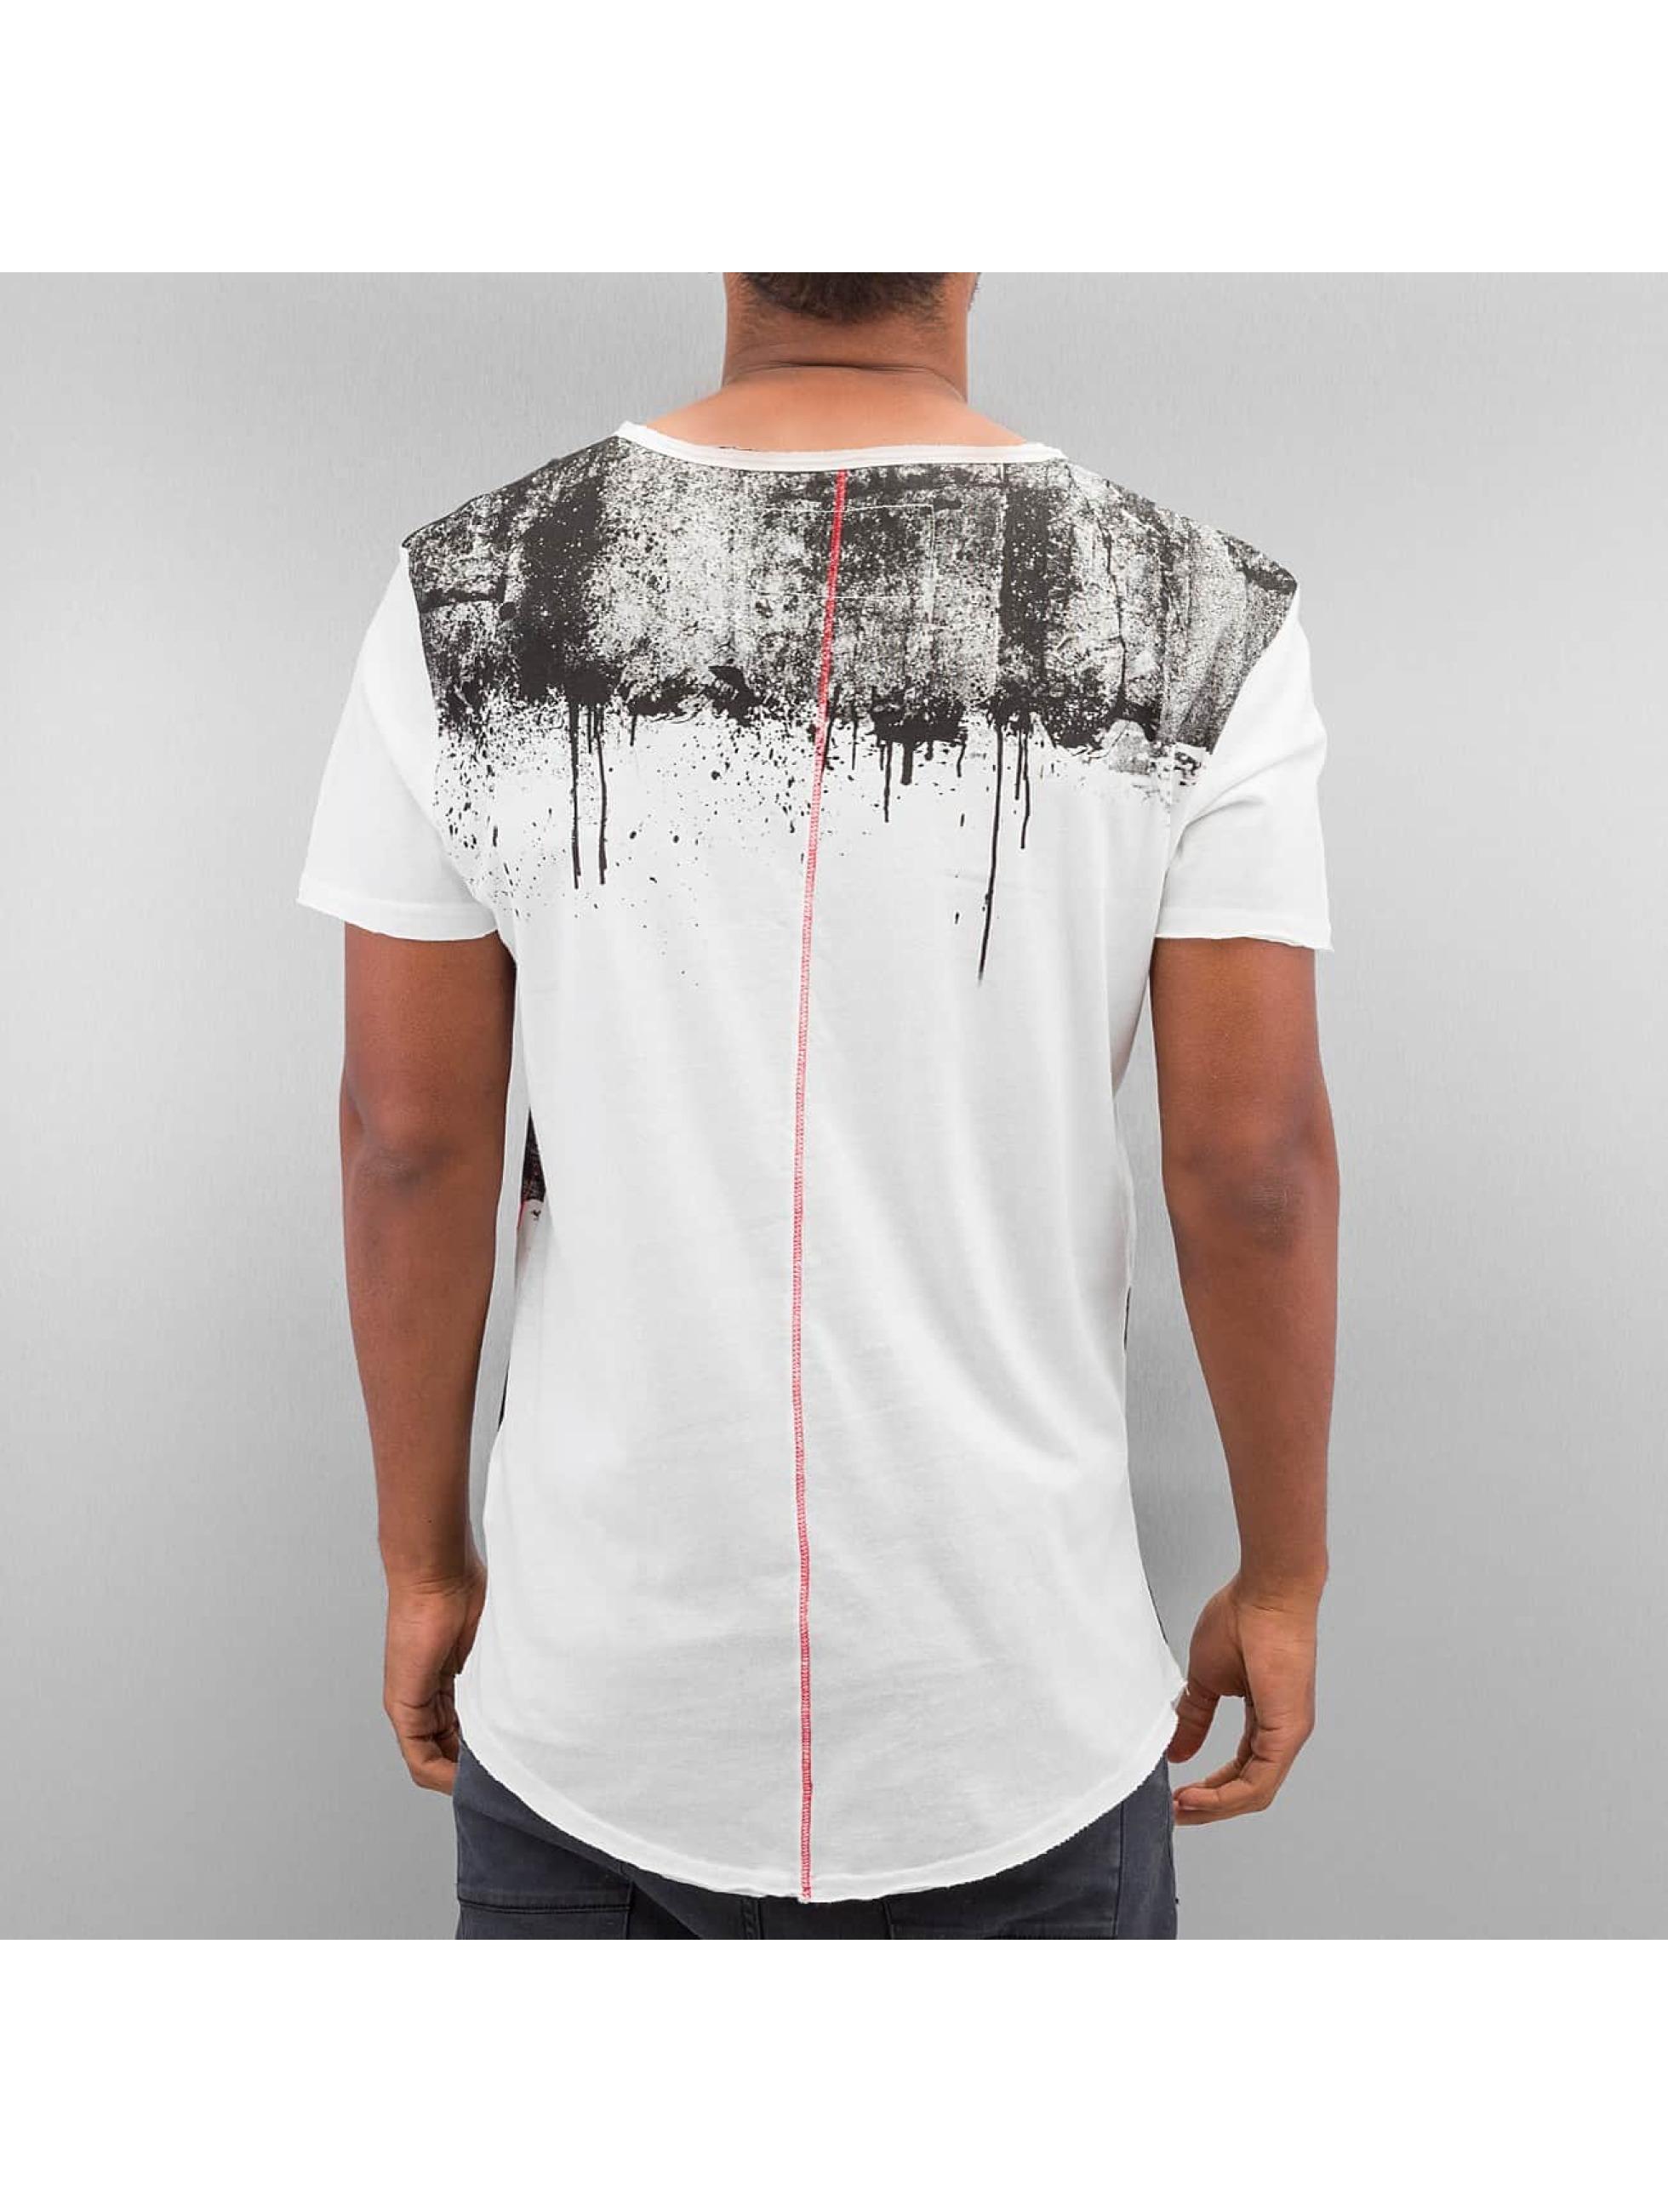 trueprodigy T-skjorter Stripe Printed grå